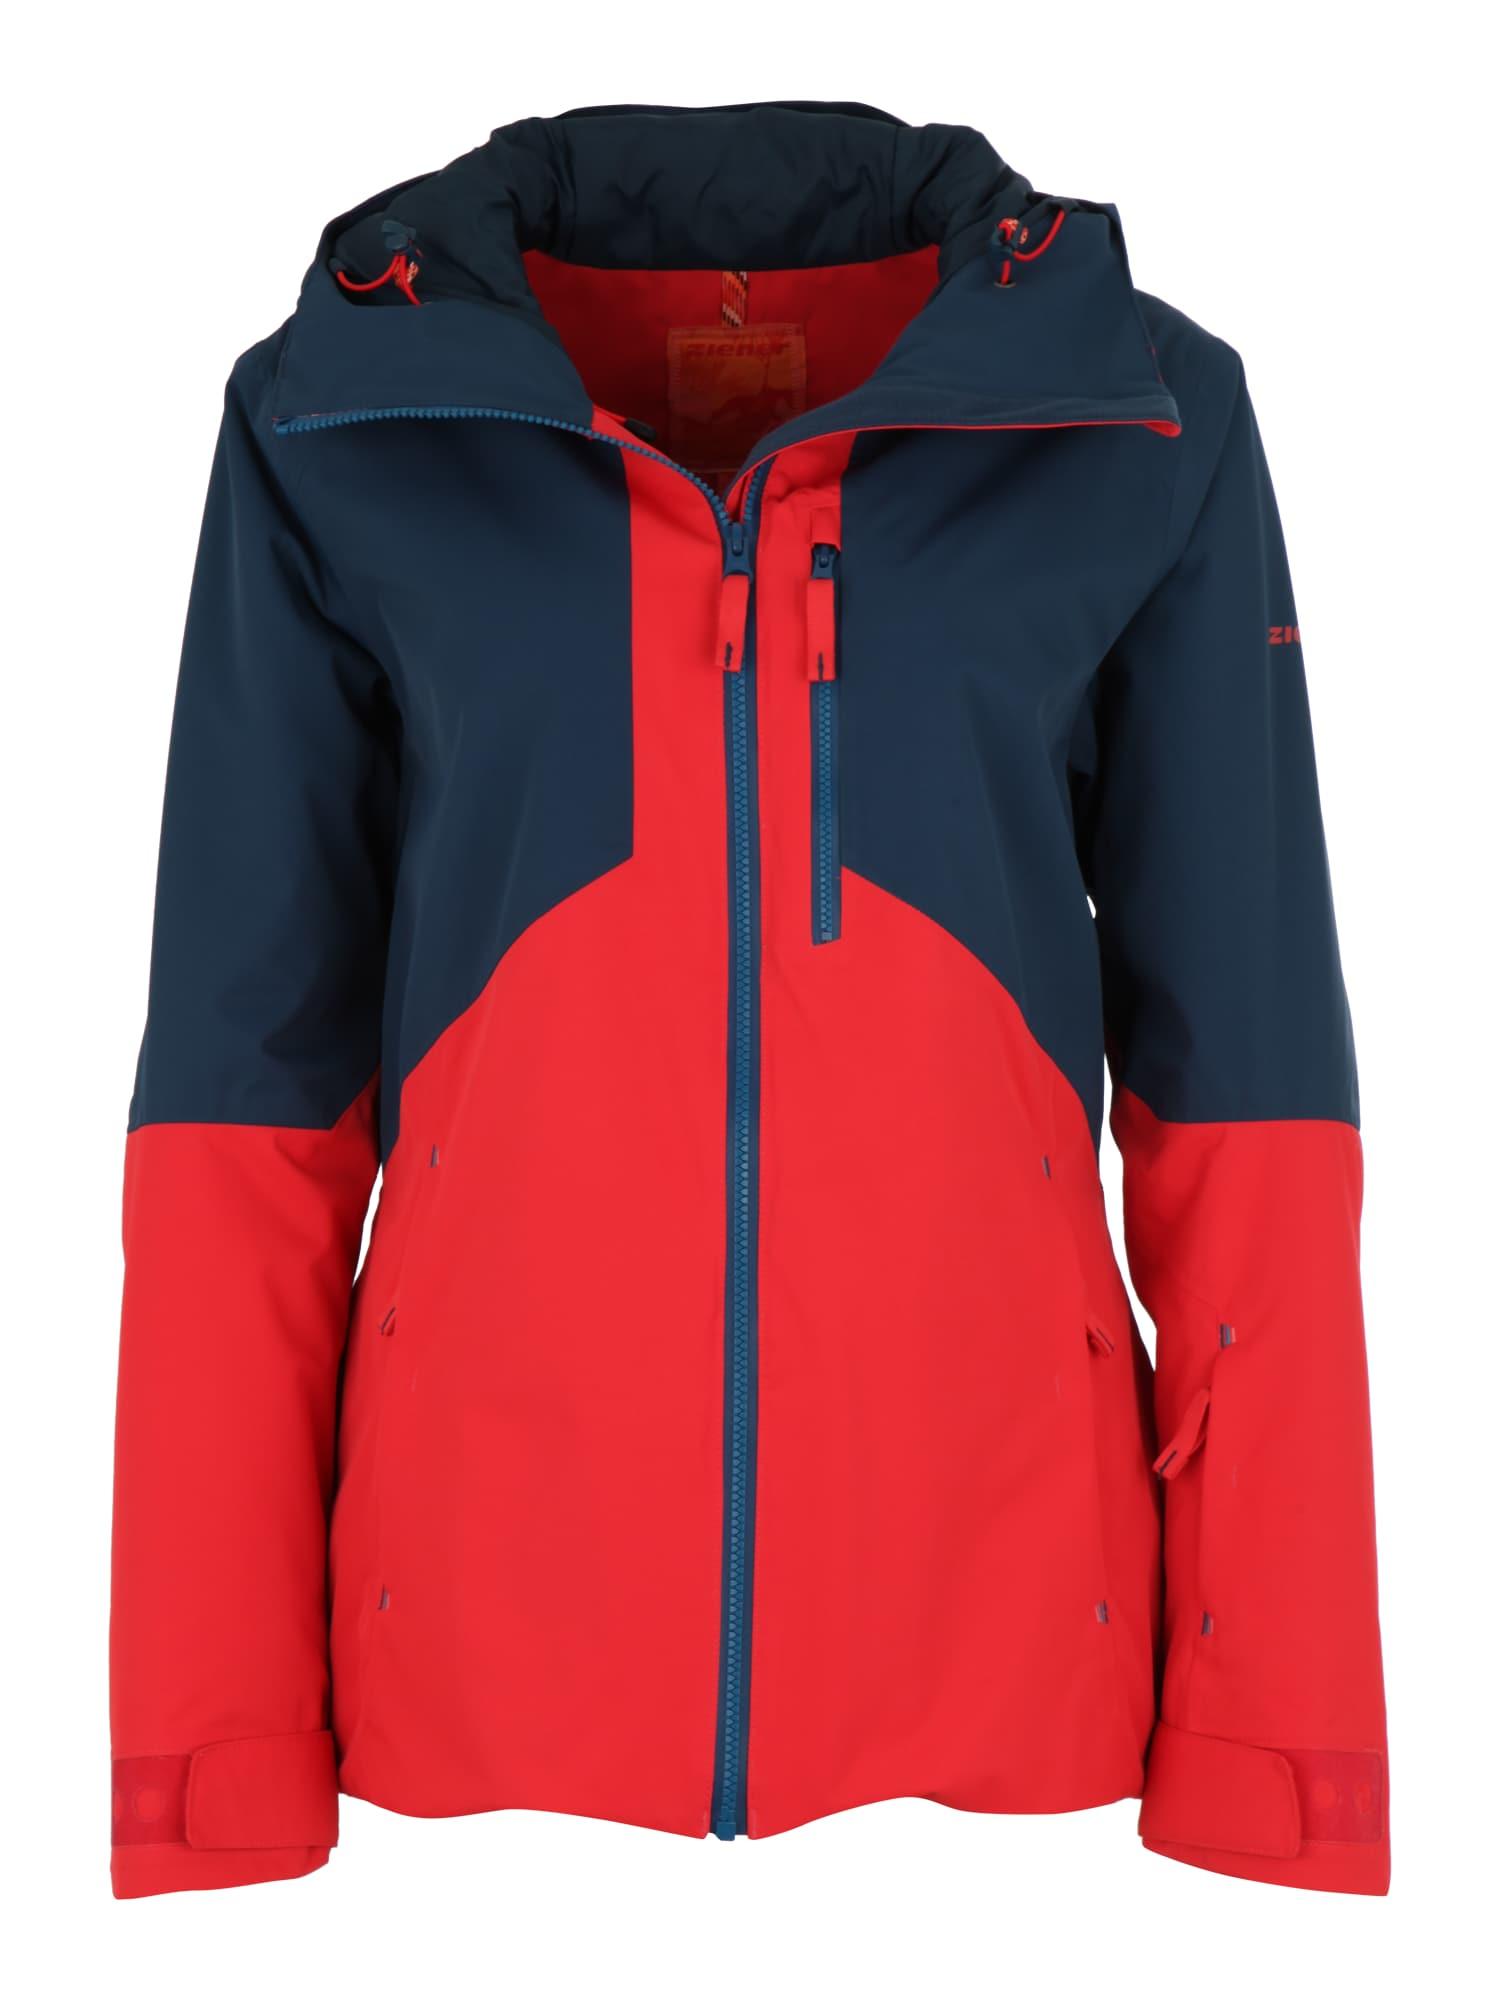 Sportovní bunda THERA námořnická modř červená ZIENER